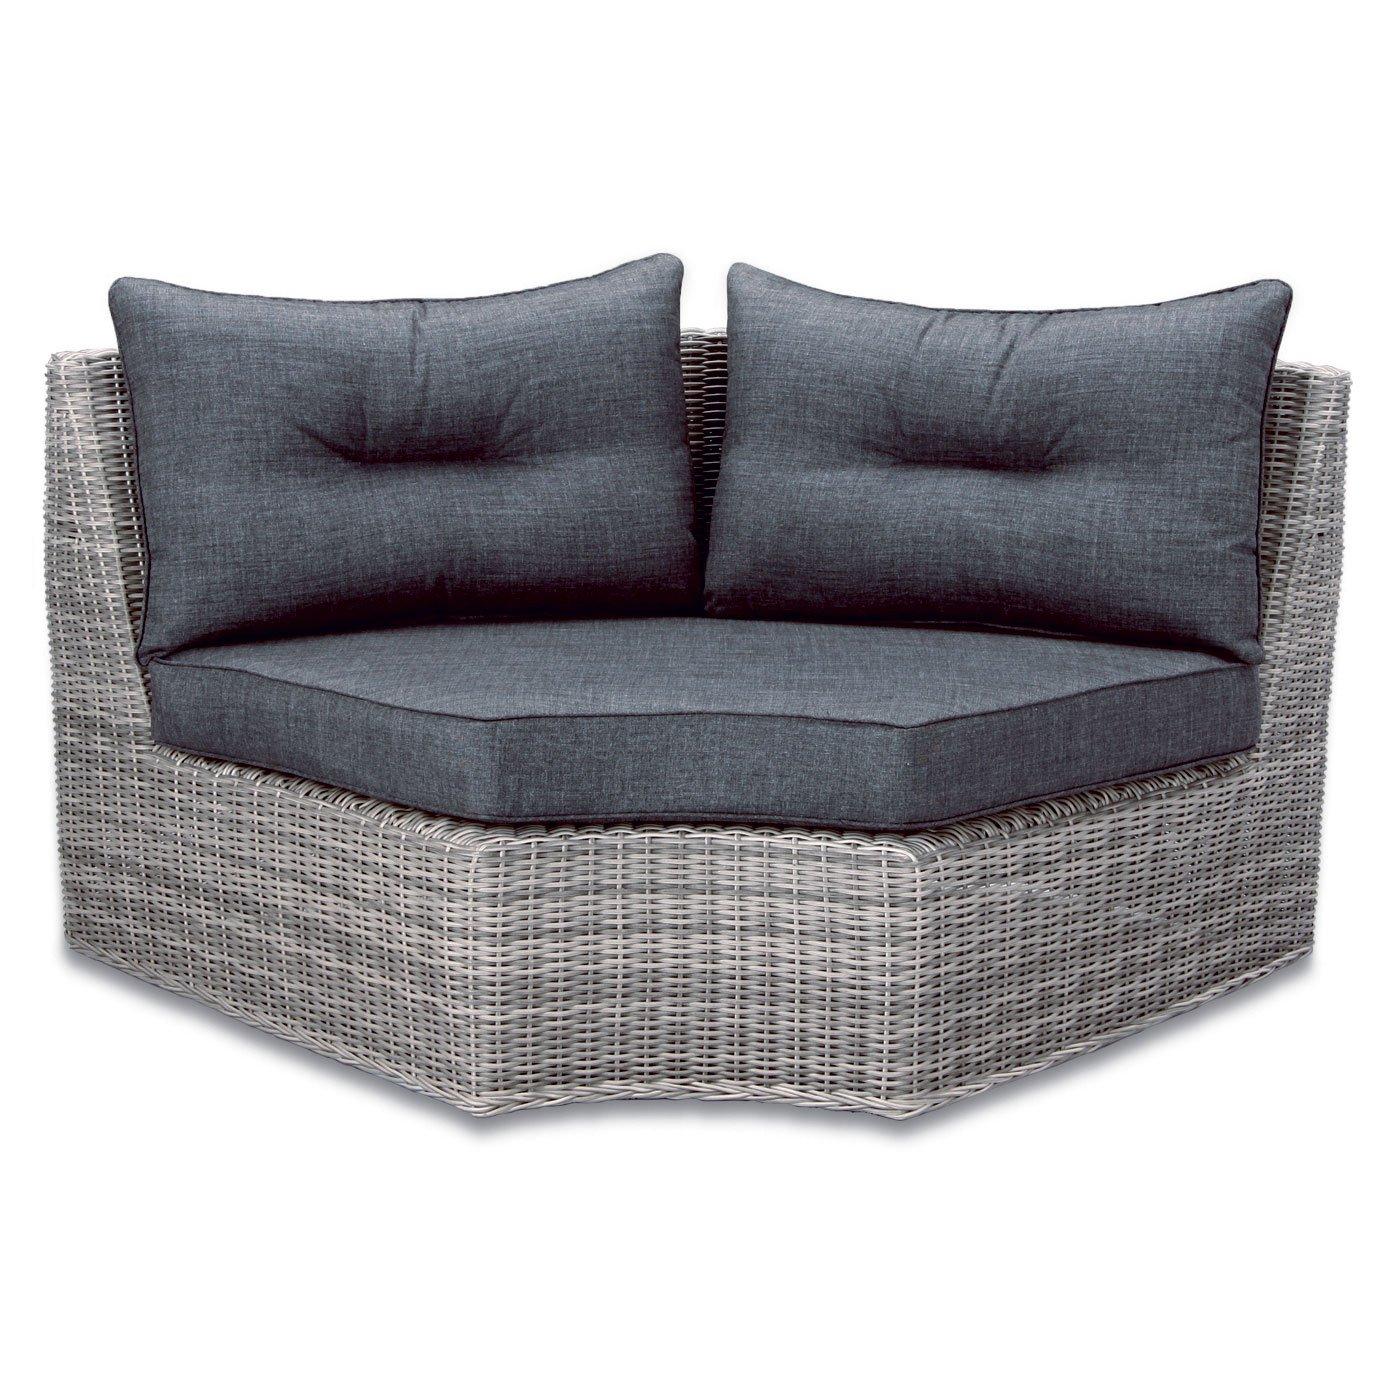 BEST 48810303 Eckteil Lounge Bombay kaufen